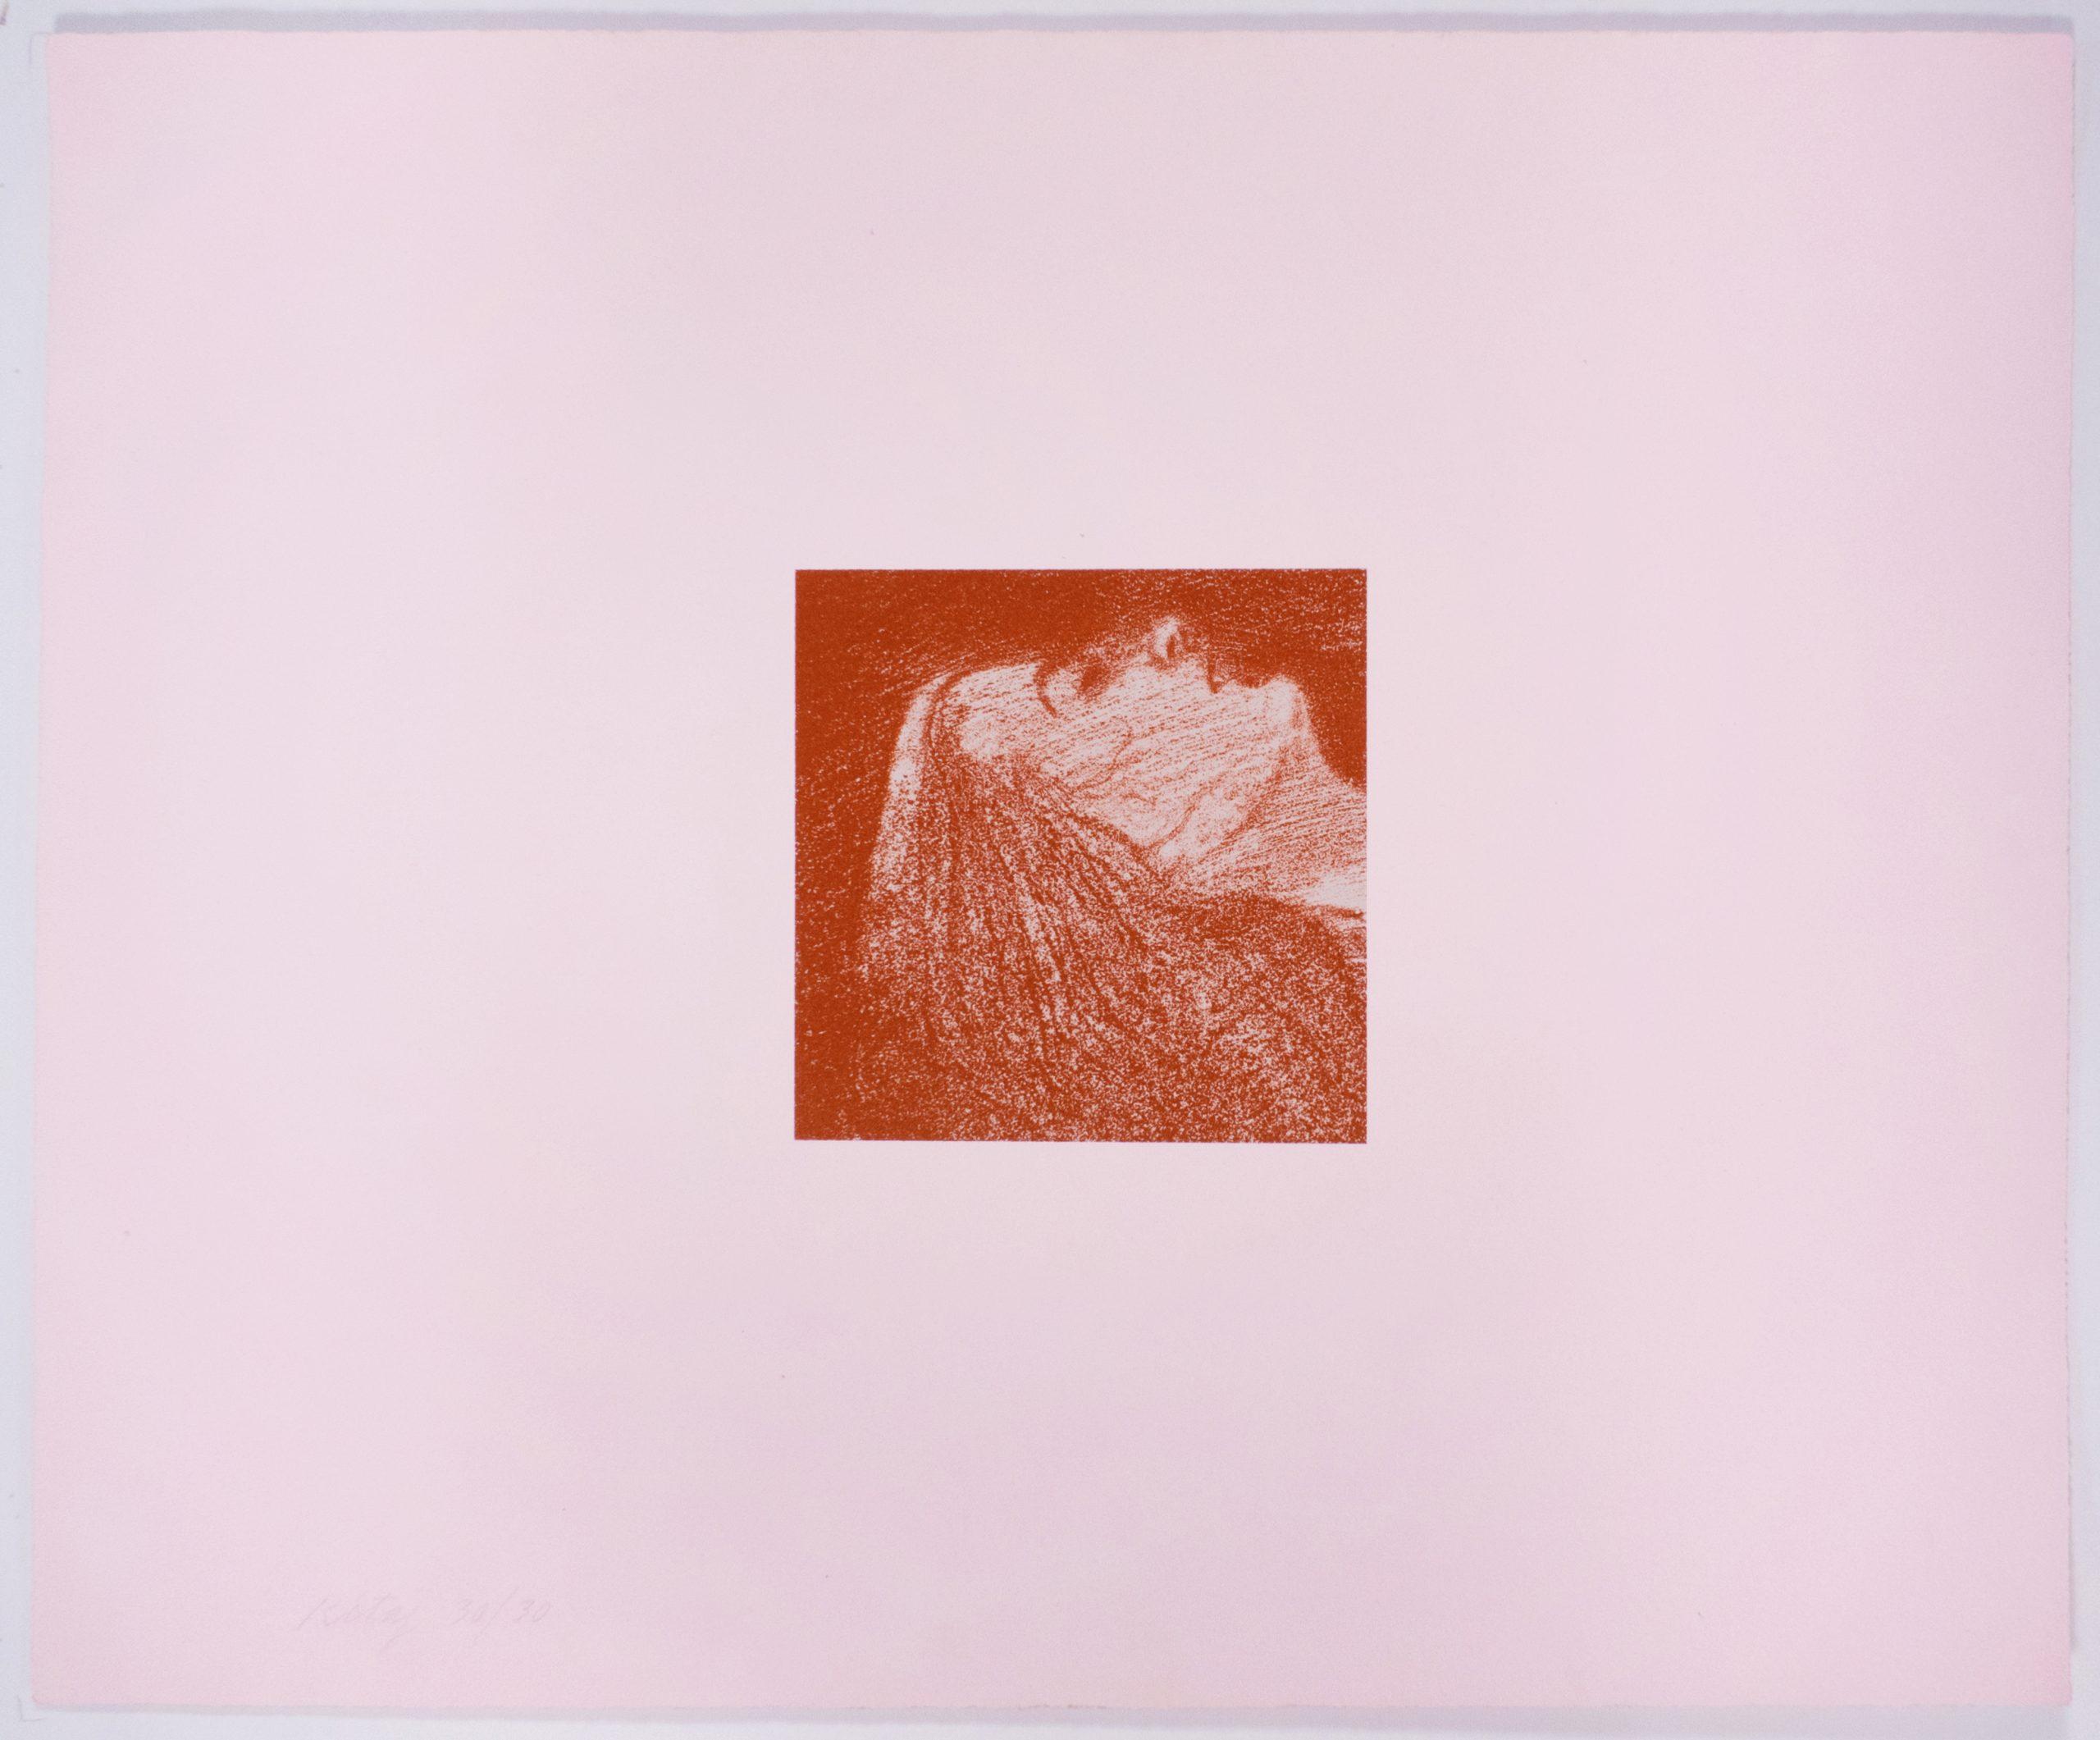 Orgasm (Sleeping Head) by R.B. Kitaj